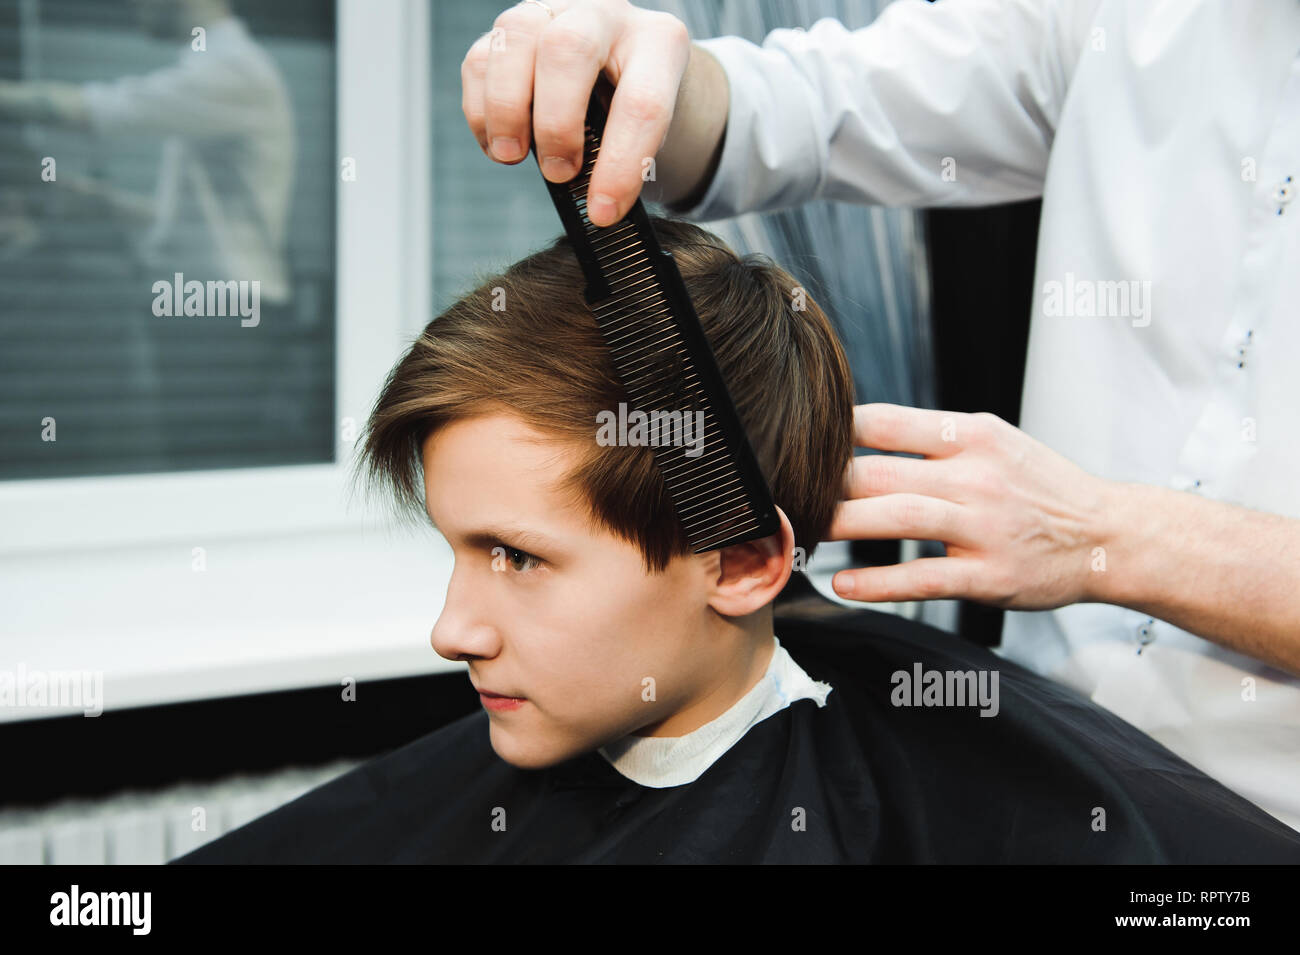 Junge Schone Friseur Die Haare Schneiden Von Sussen Jungen Im